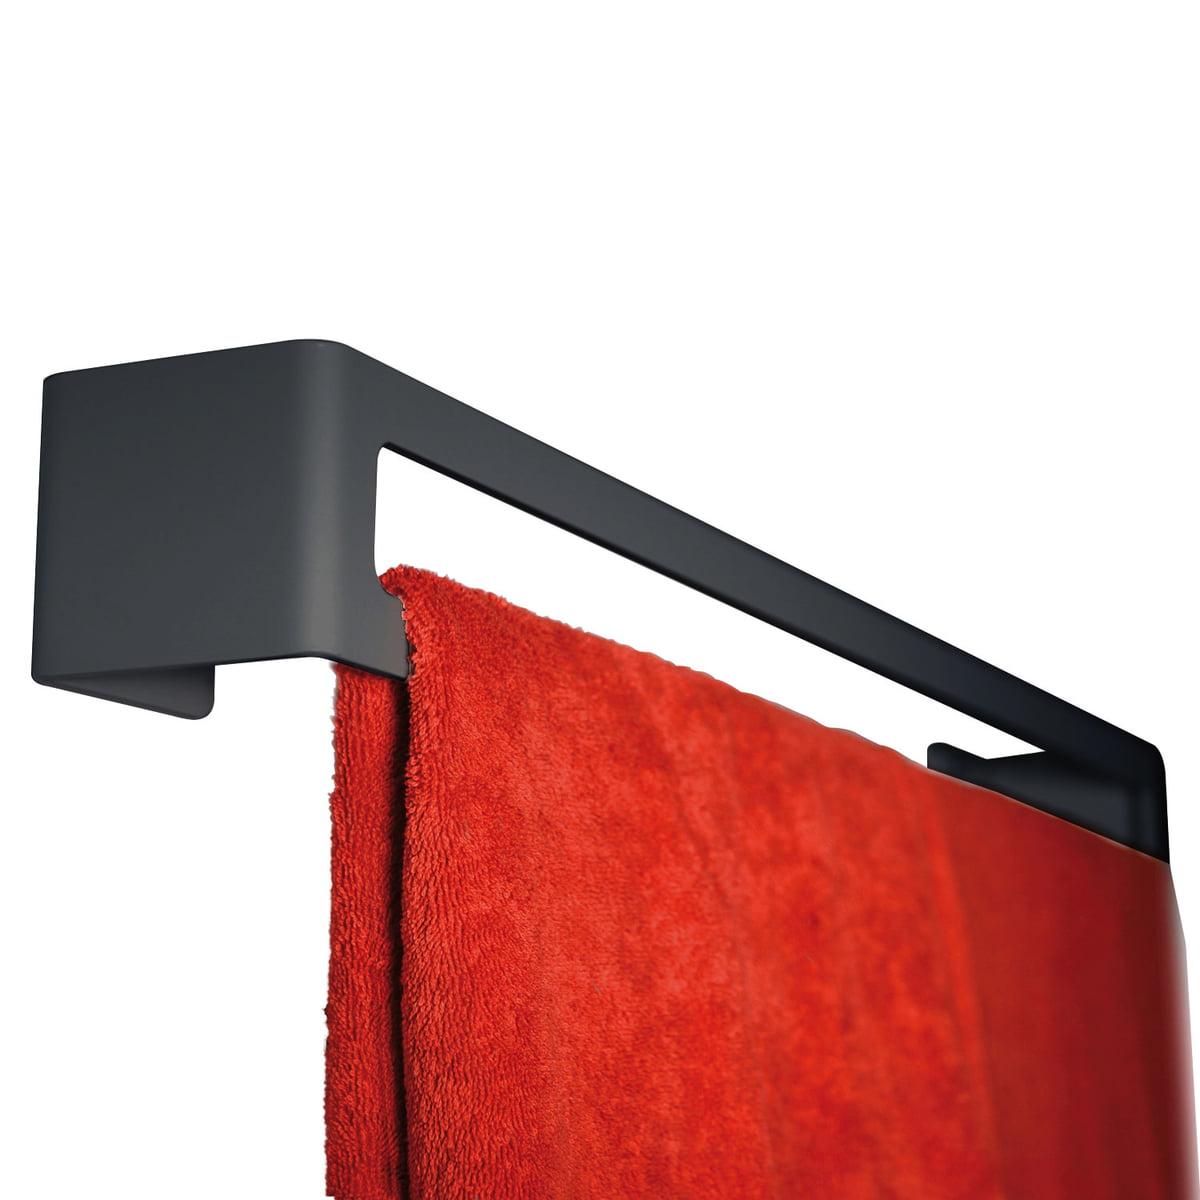 Radius Design - Puro Handtuchhalter (Wand), schwarz   Bad > Bad-Accessoires > Handtuchhalter   Schwarz   Radius Design